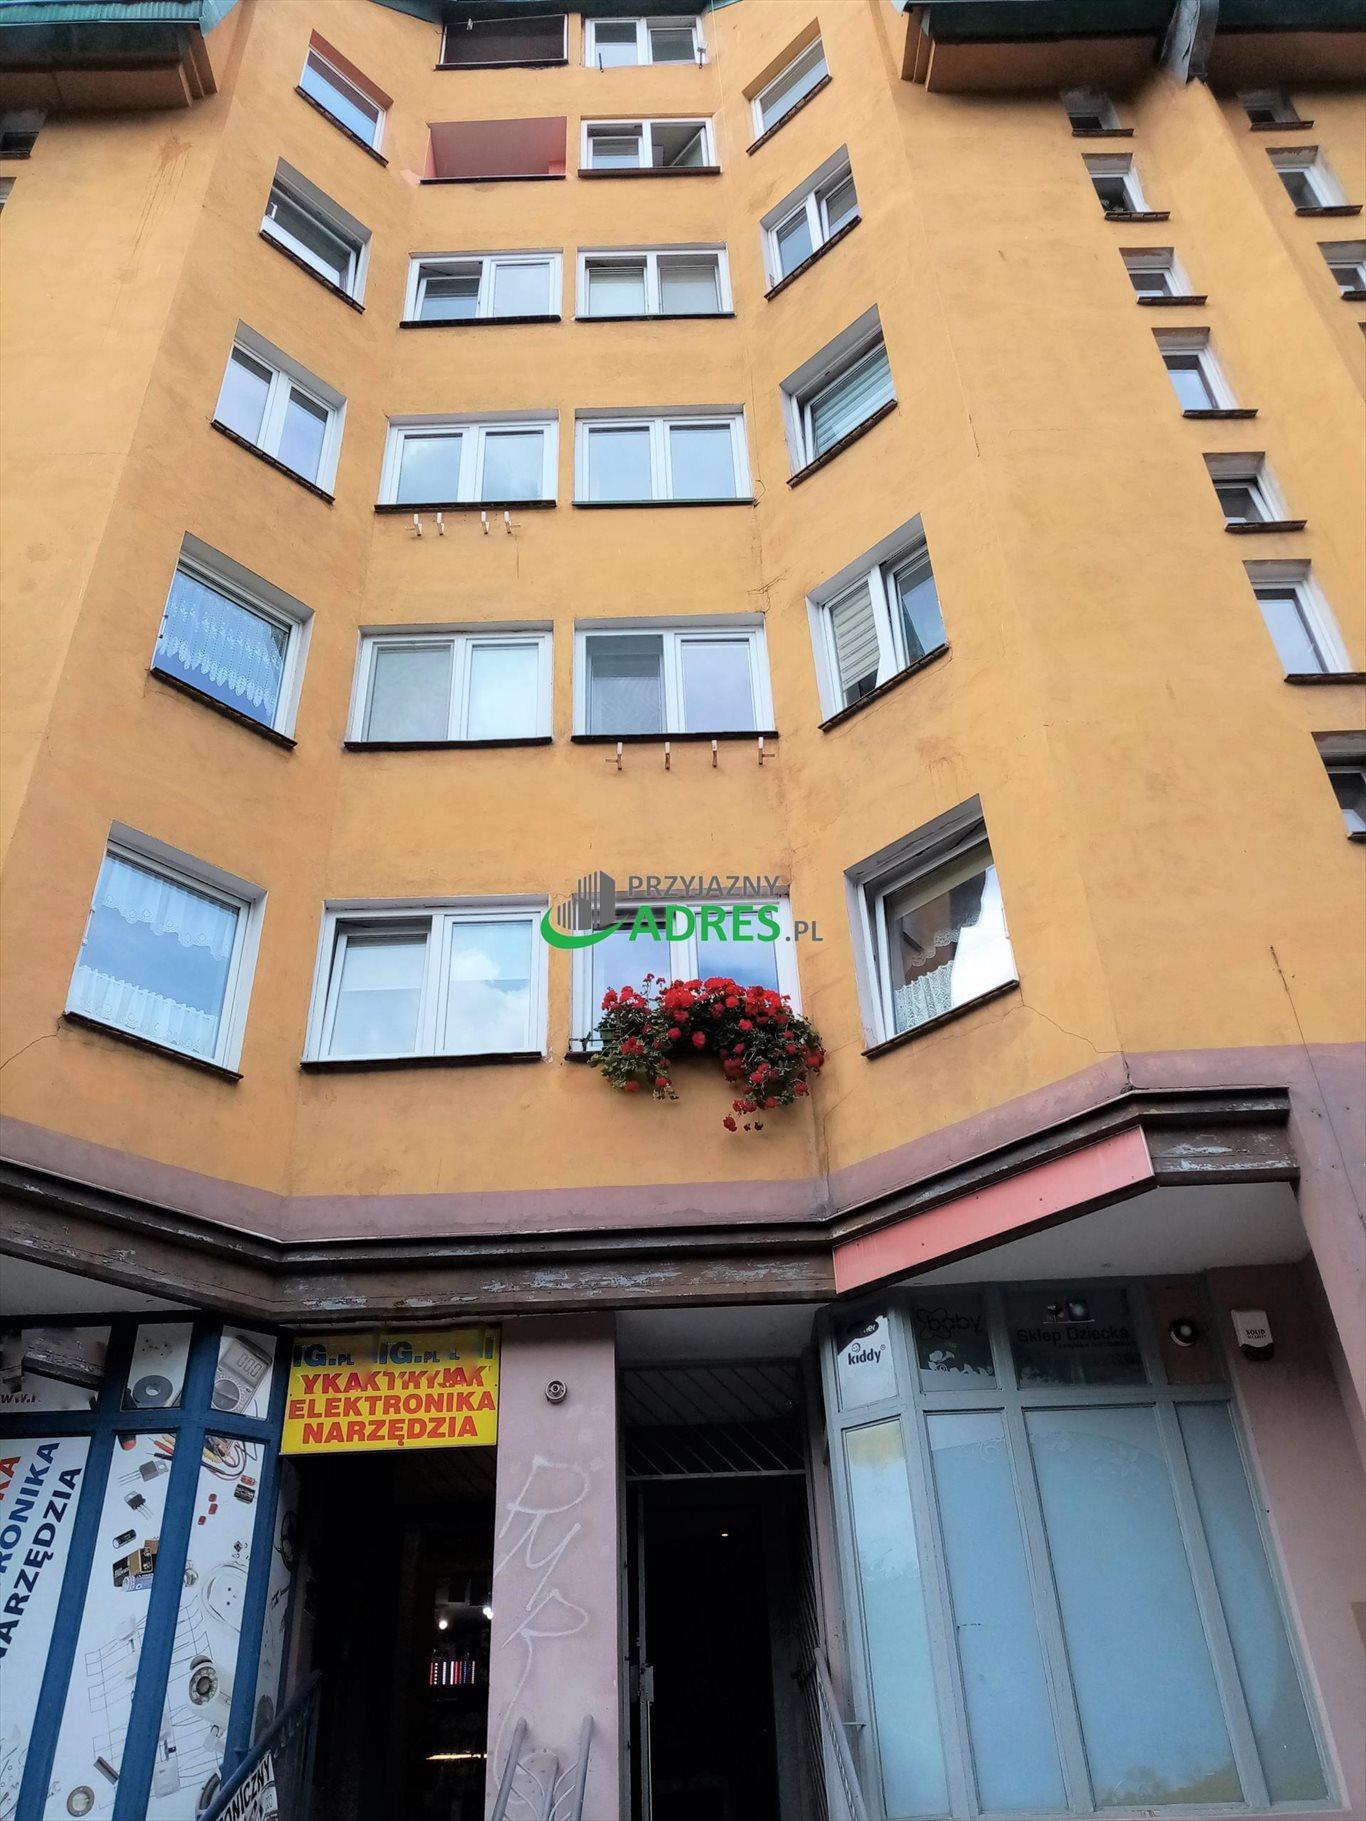 Lokal użytkowy na sprzedaż Wrocław, Śródmieście  60m2 Foto 3